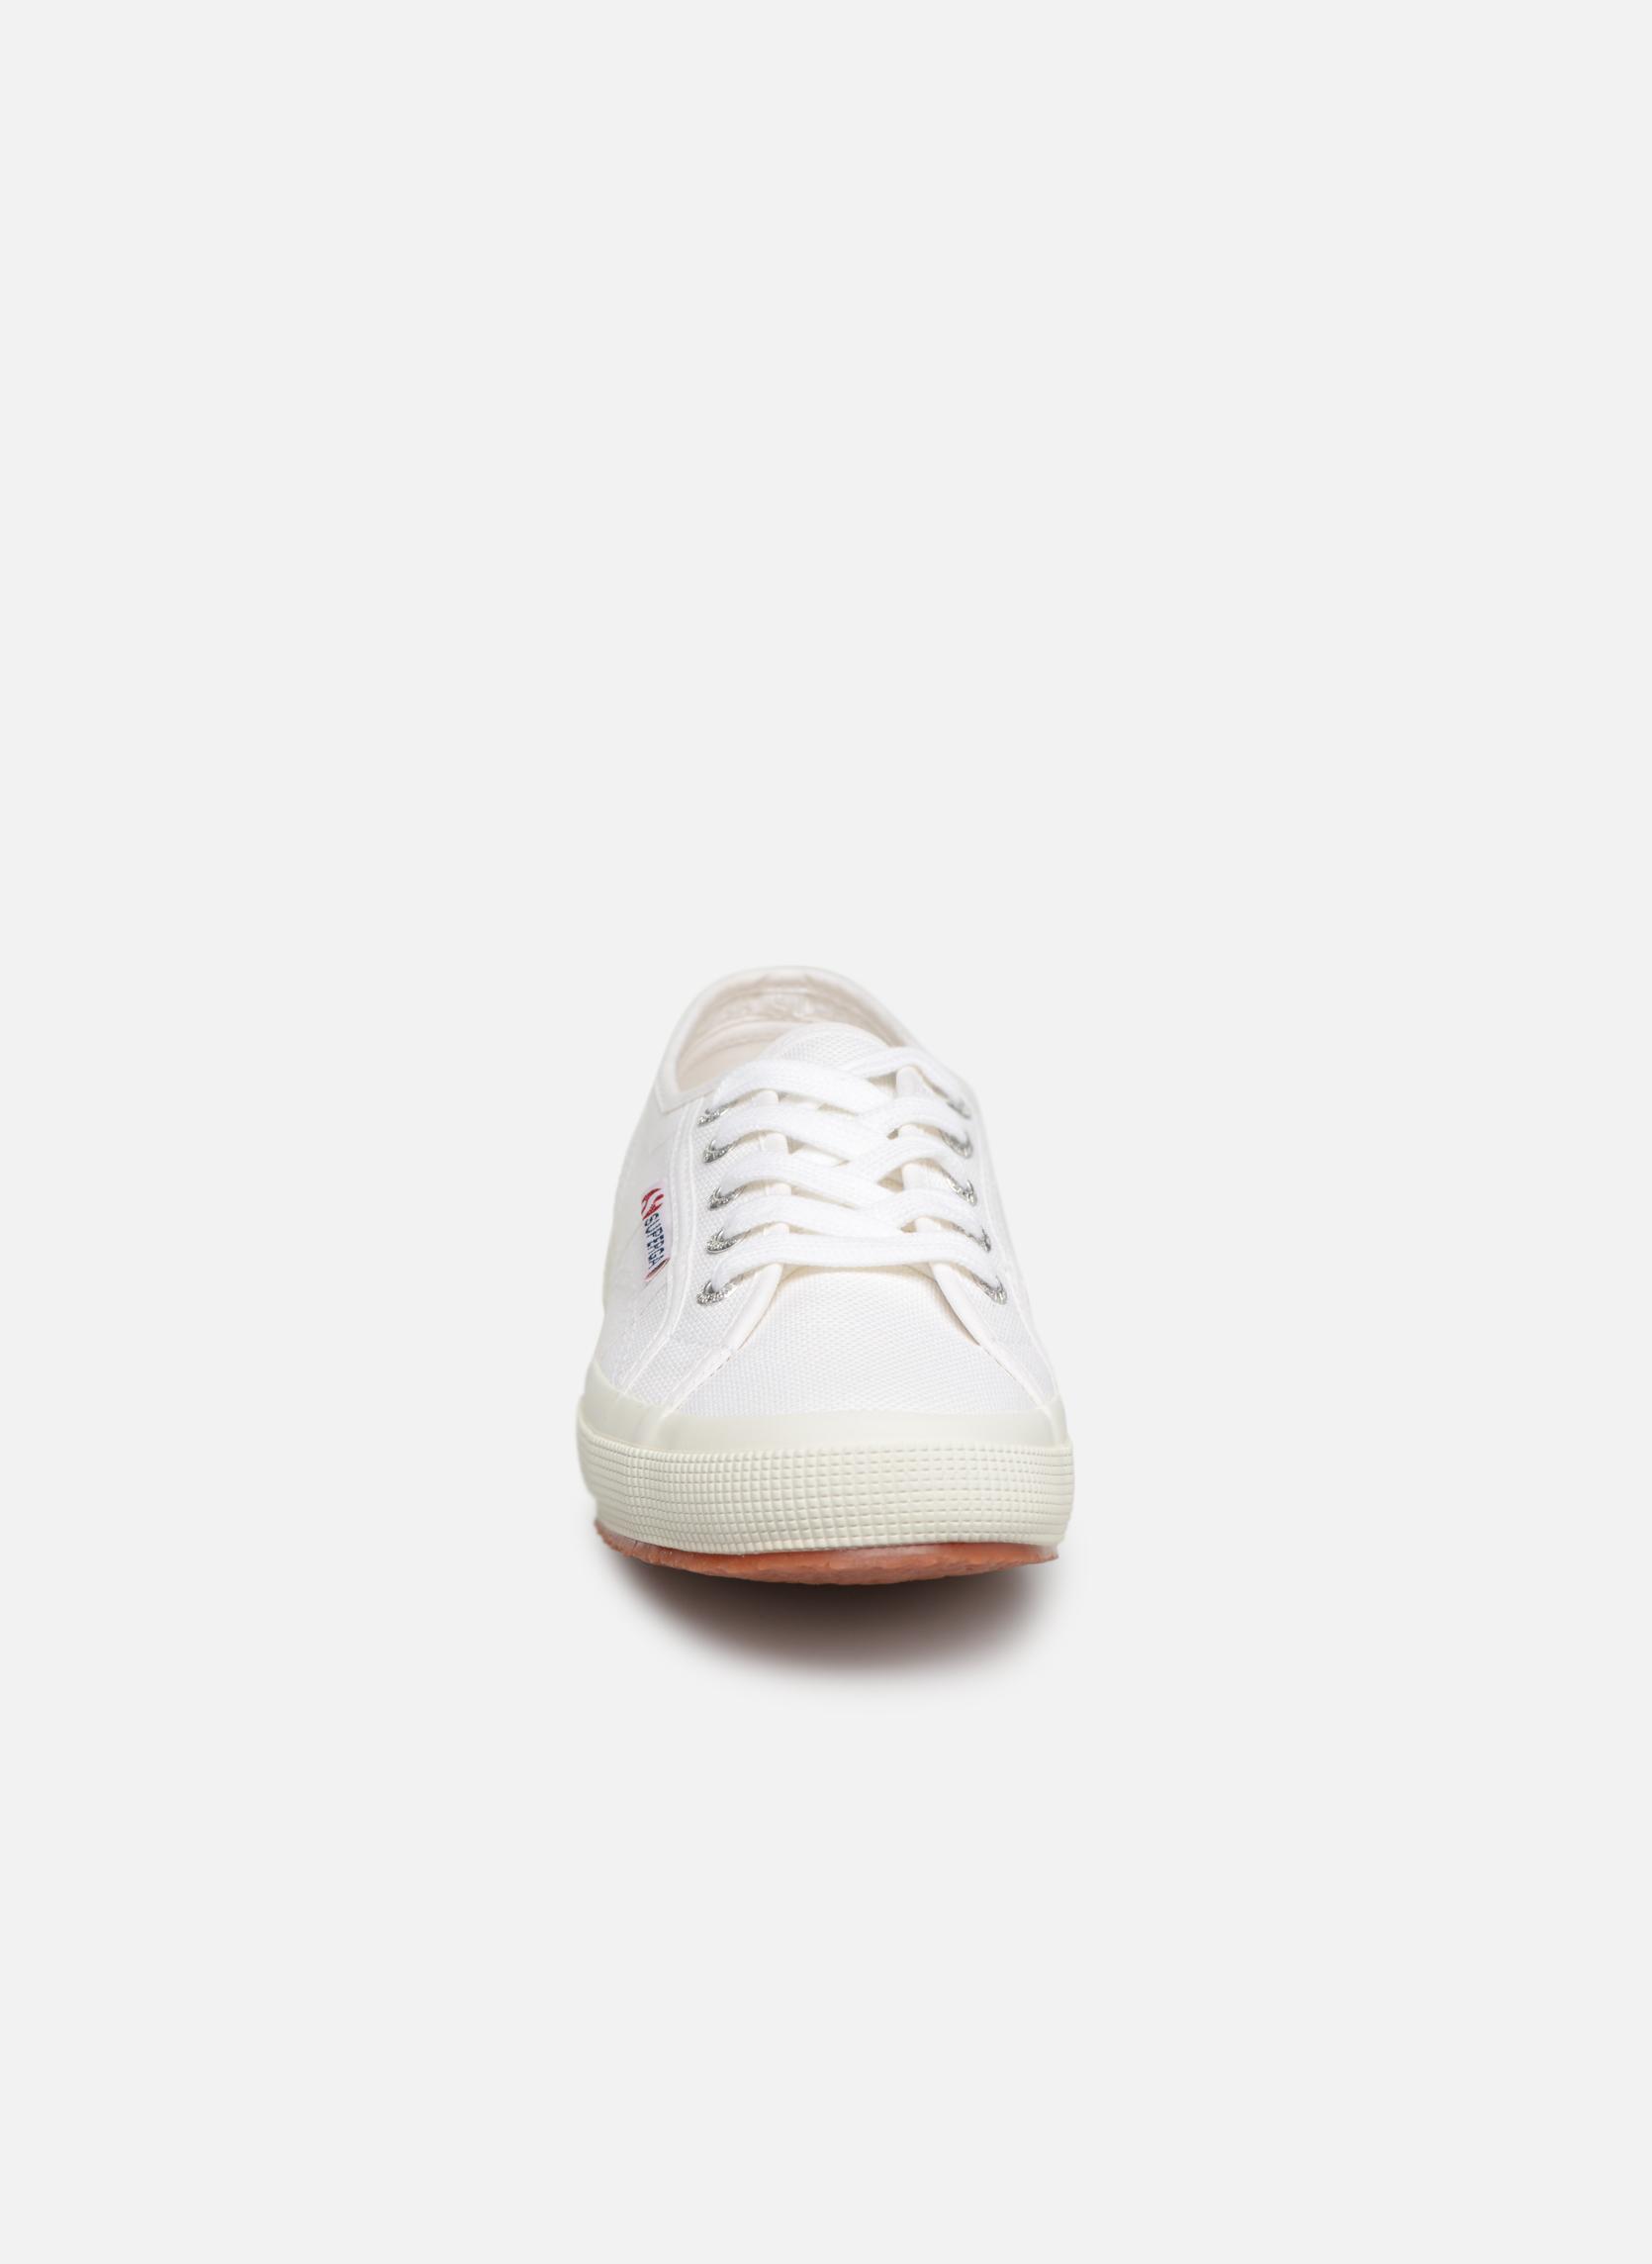 2750 Cotu W White